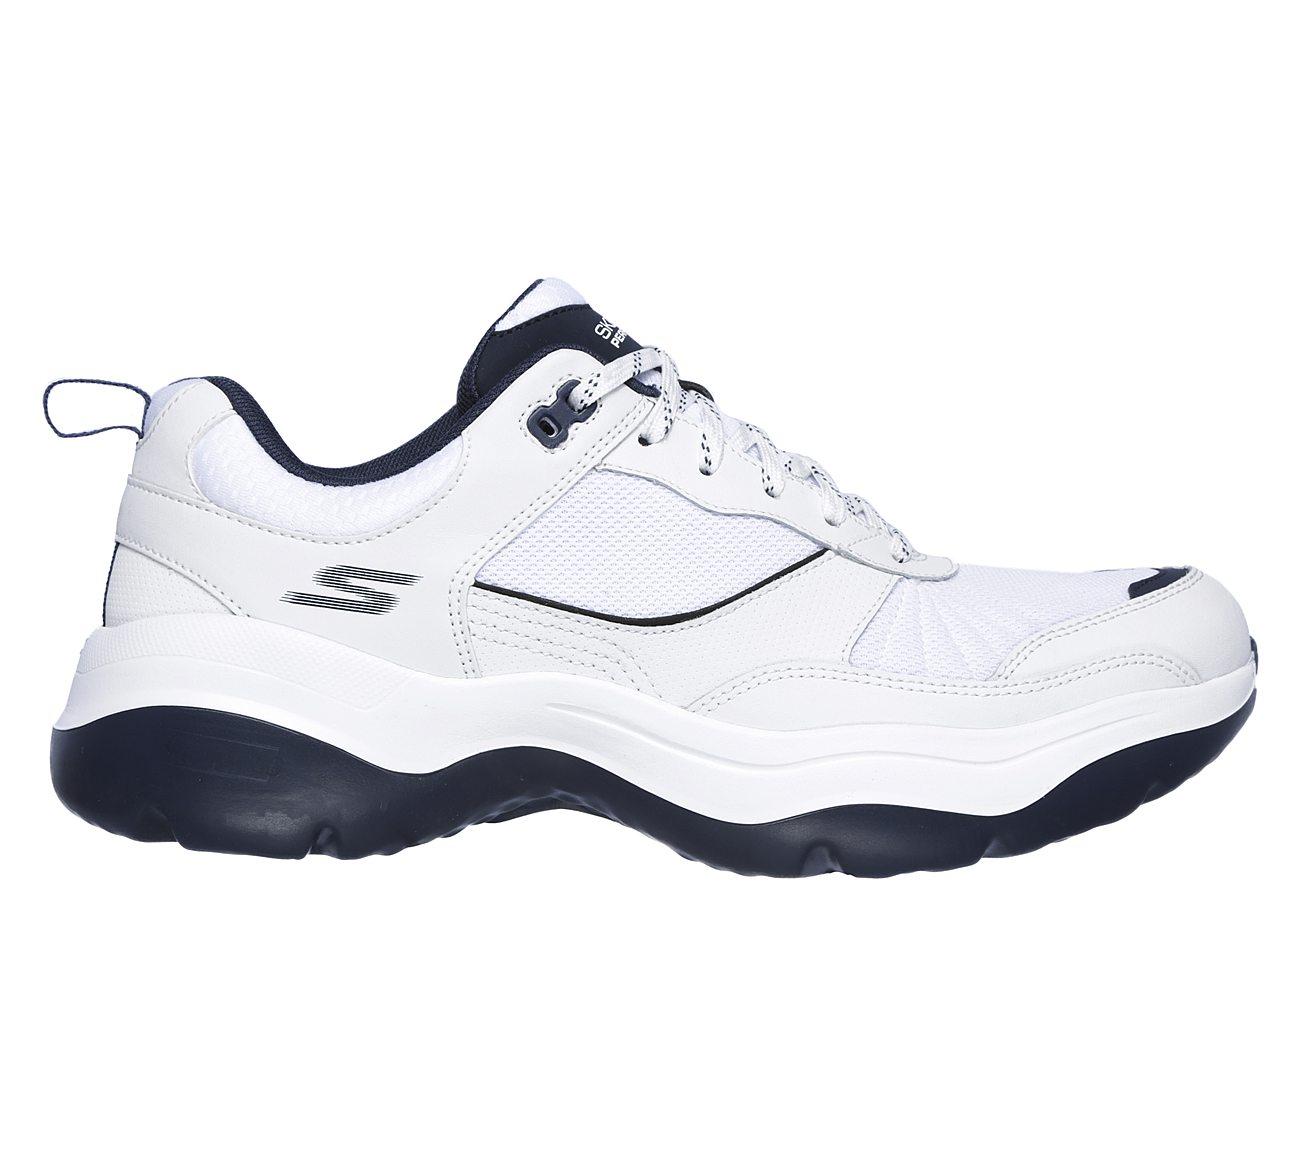 926686ed0276 Buy SKECHERS Skechers GOwalk Mantra Ultra - Reload Skechers ...